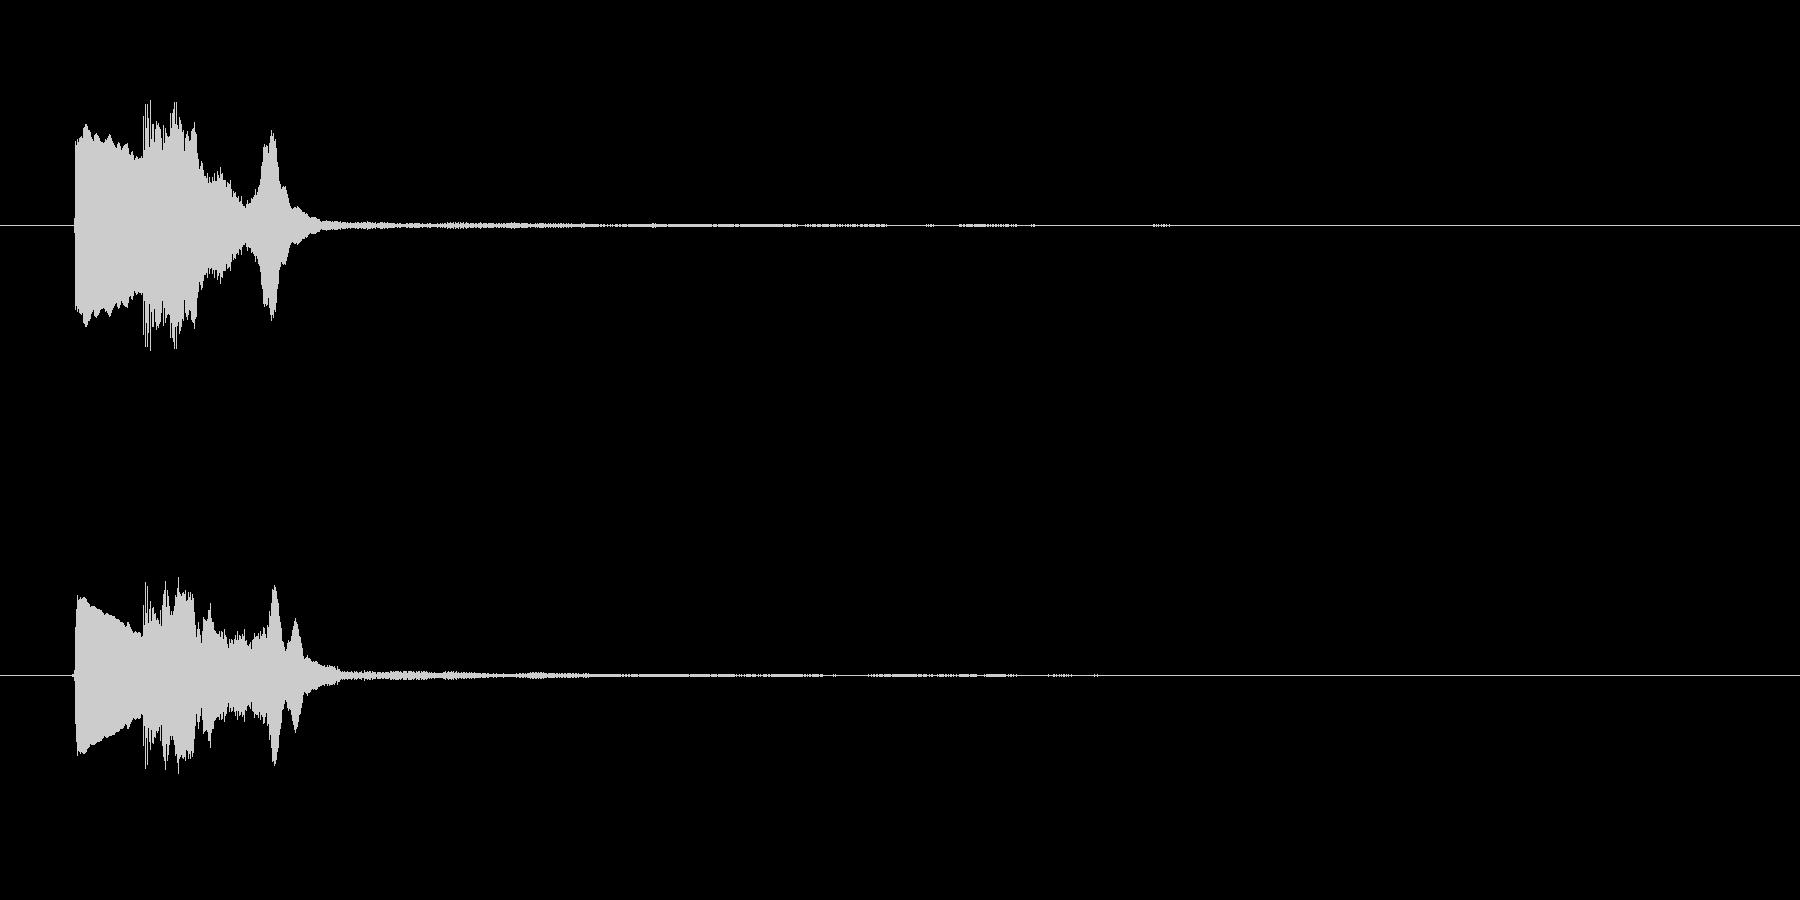 ゲーム決定音3   K17の未再生の波形